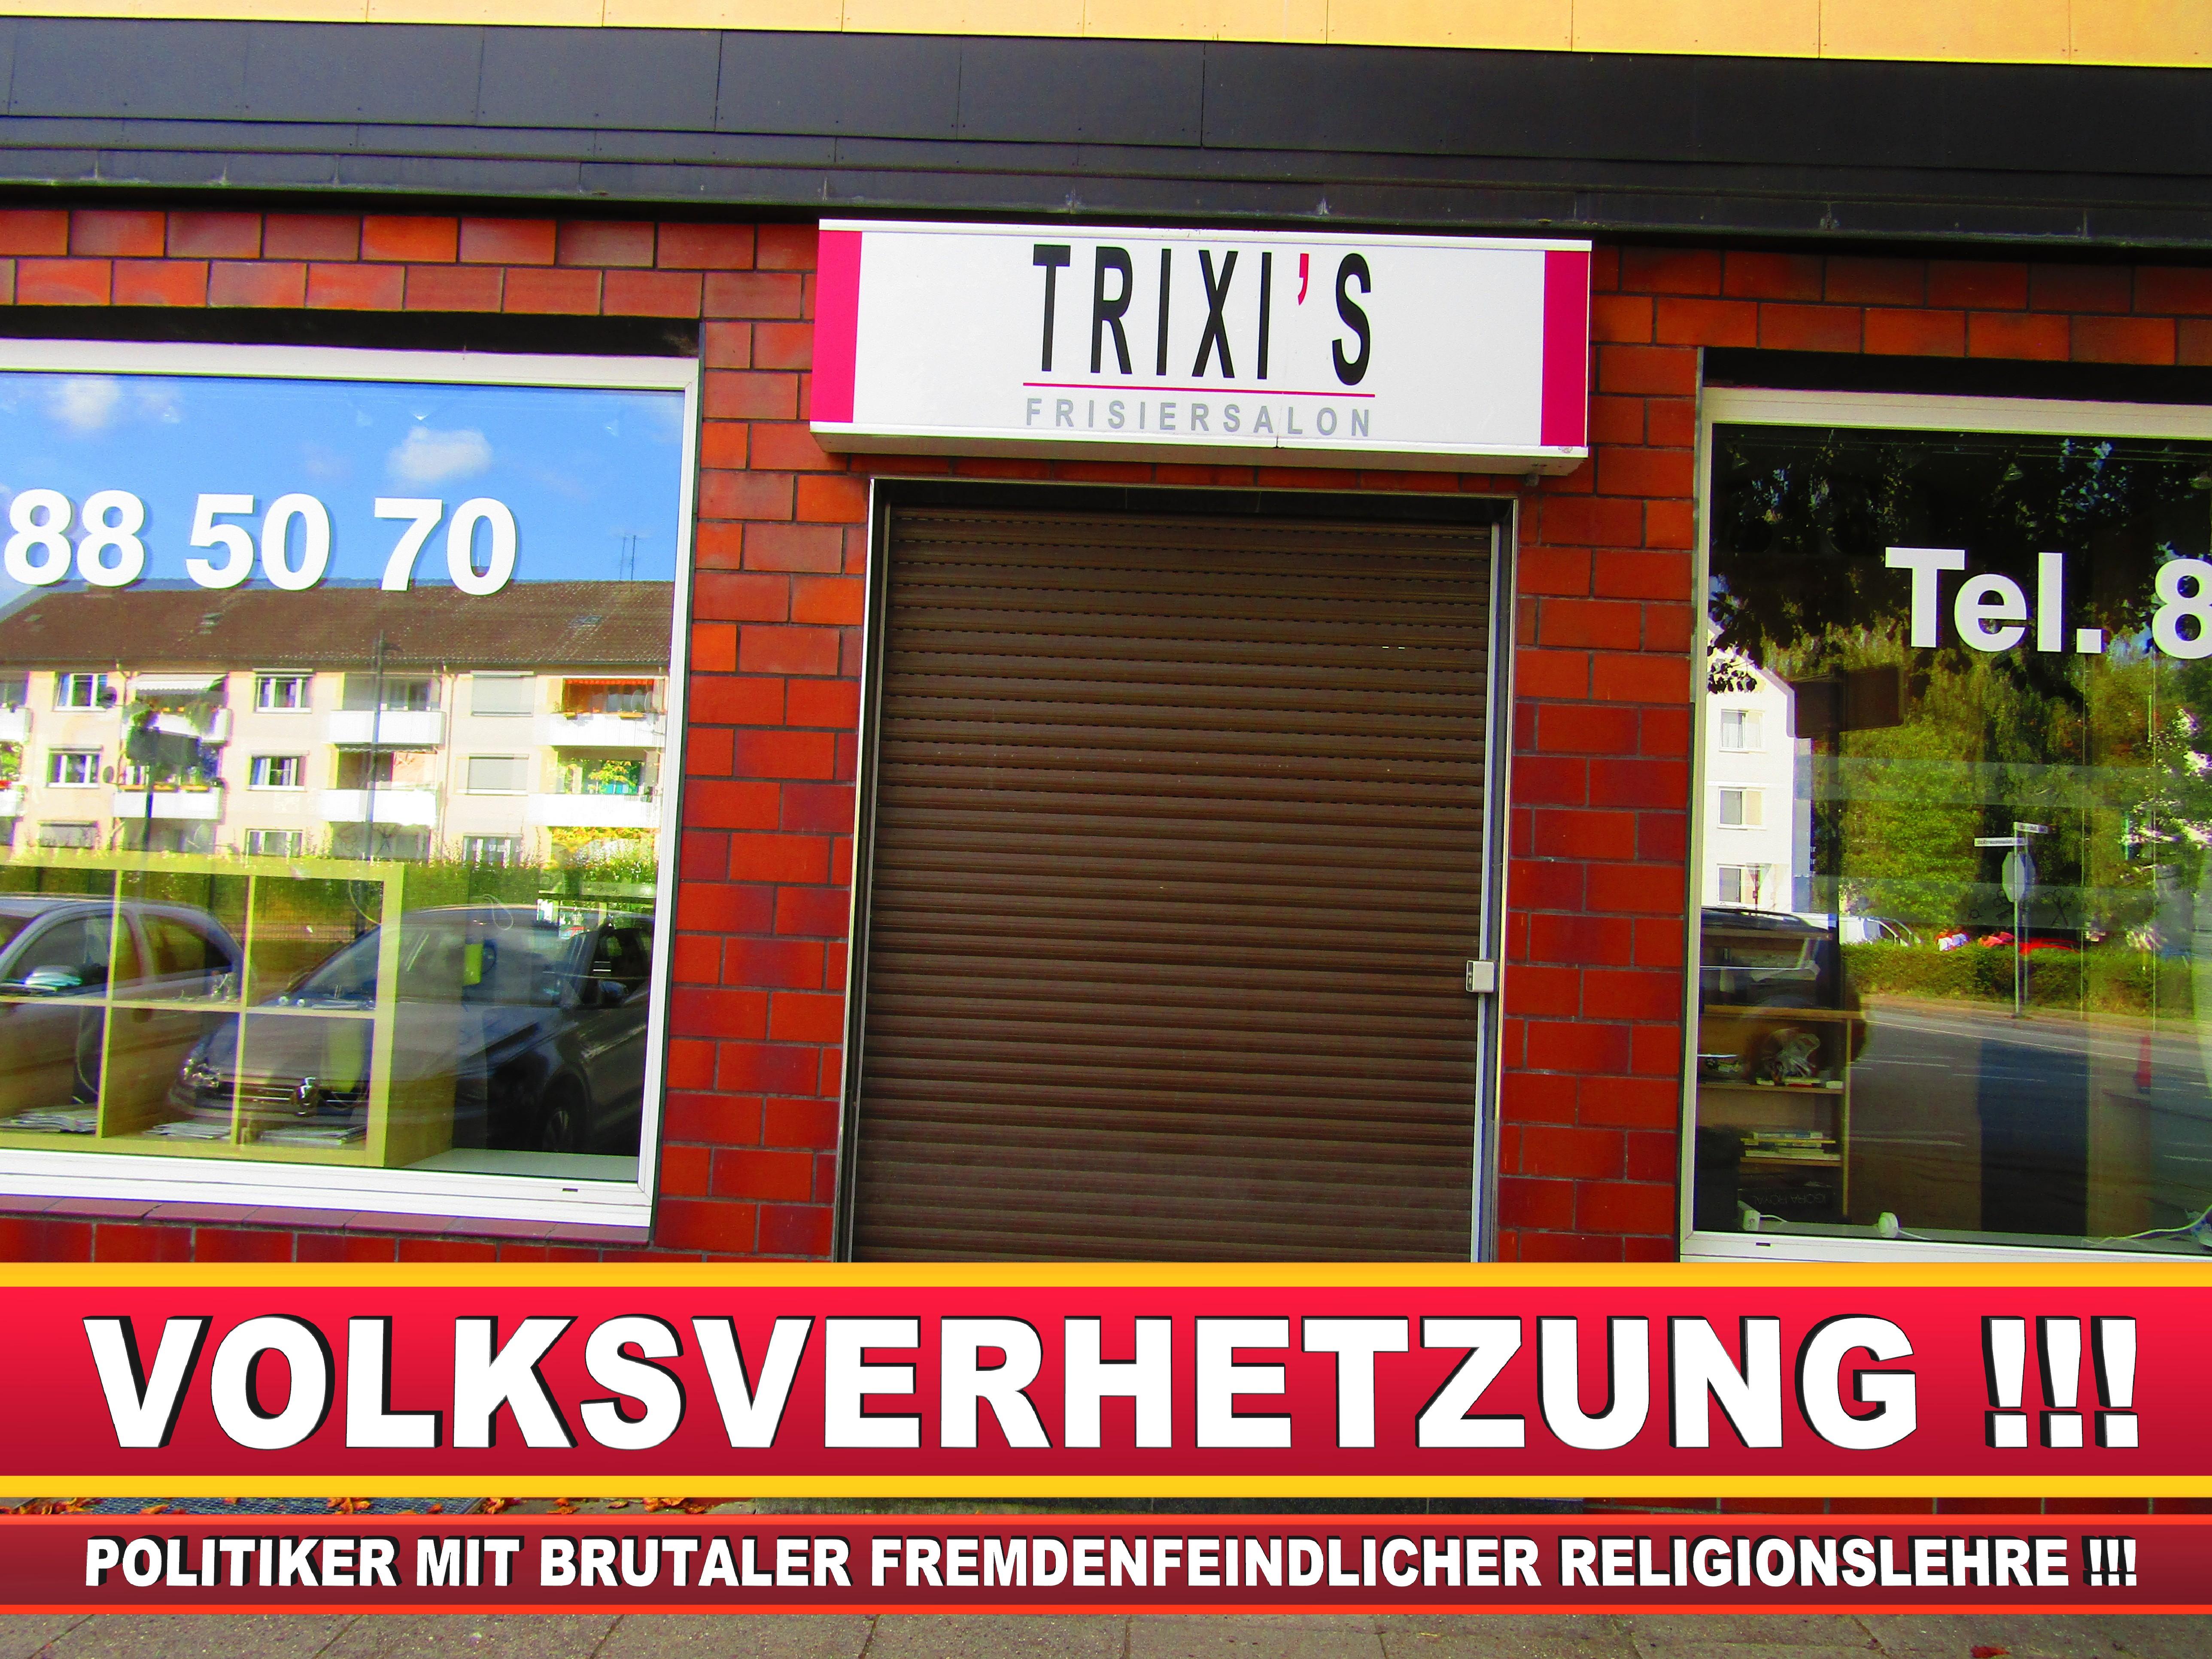 PATRICIA WEHMEYER TRIXI CDU BIELEFELD HAIRSALON FRISEUR (8) LANDTAGSWAHL BUNDESTAGSWAHL BÜRGERMEISTERWAHL